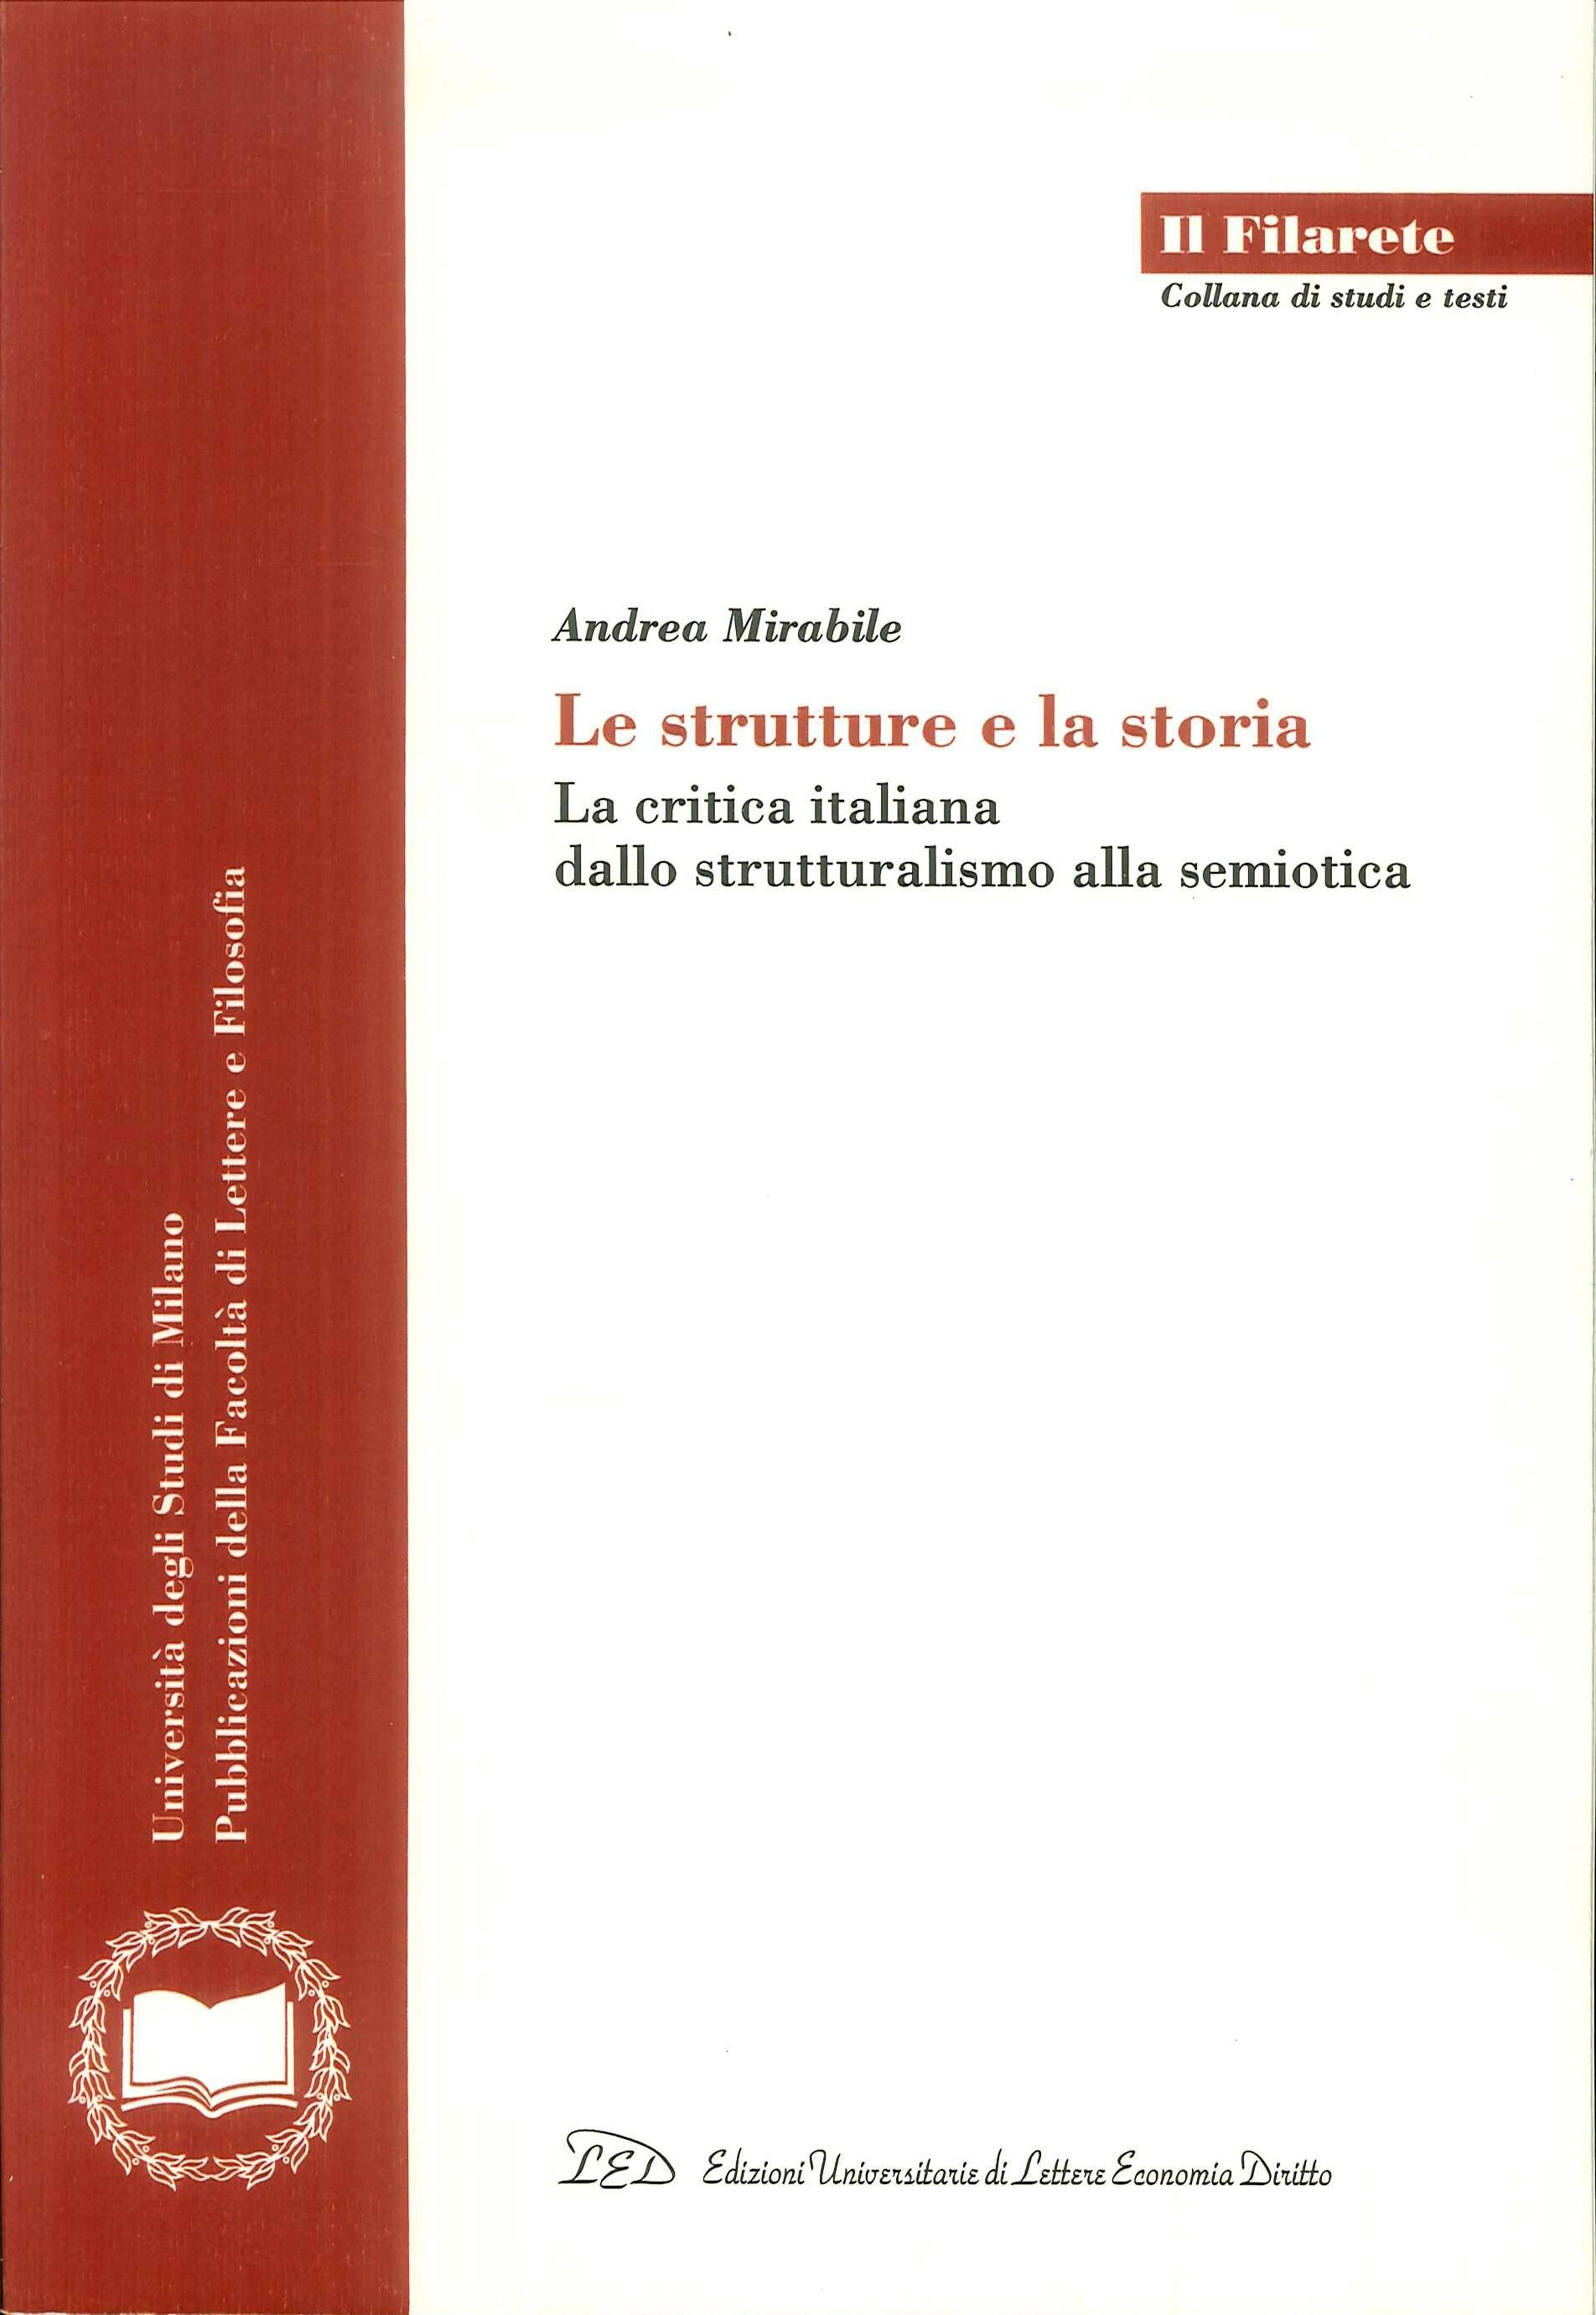 Le Strutture e la Storia. La Critica Italiana dallo Strutturalismo alla Semiotica